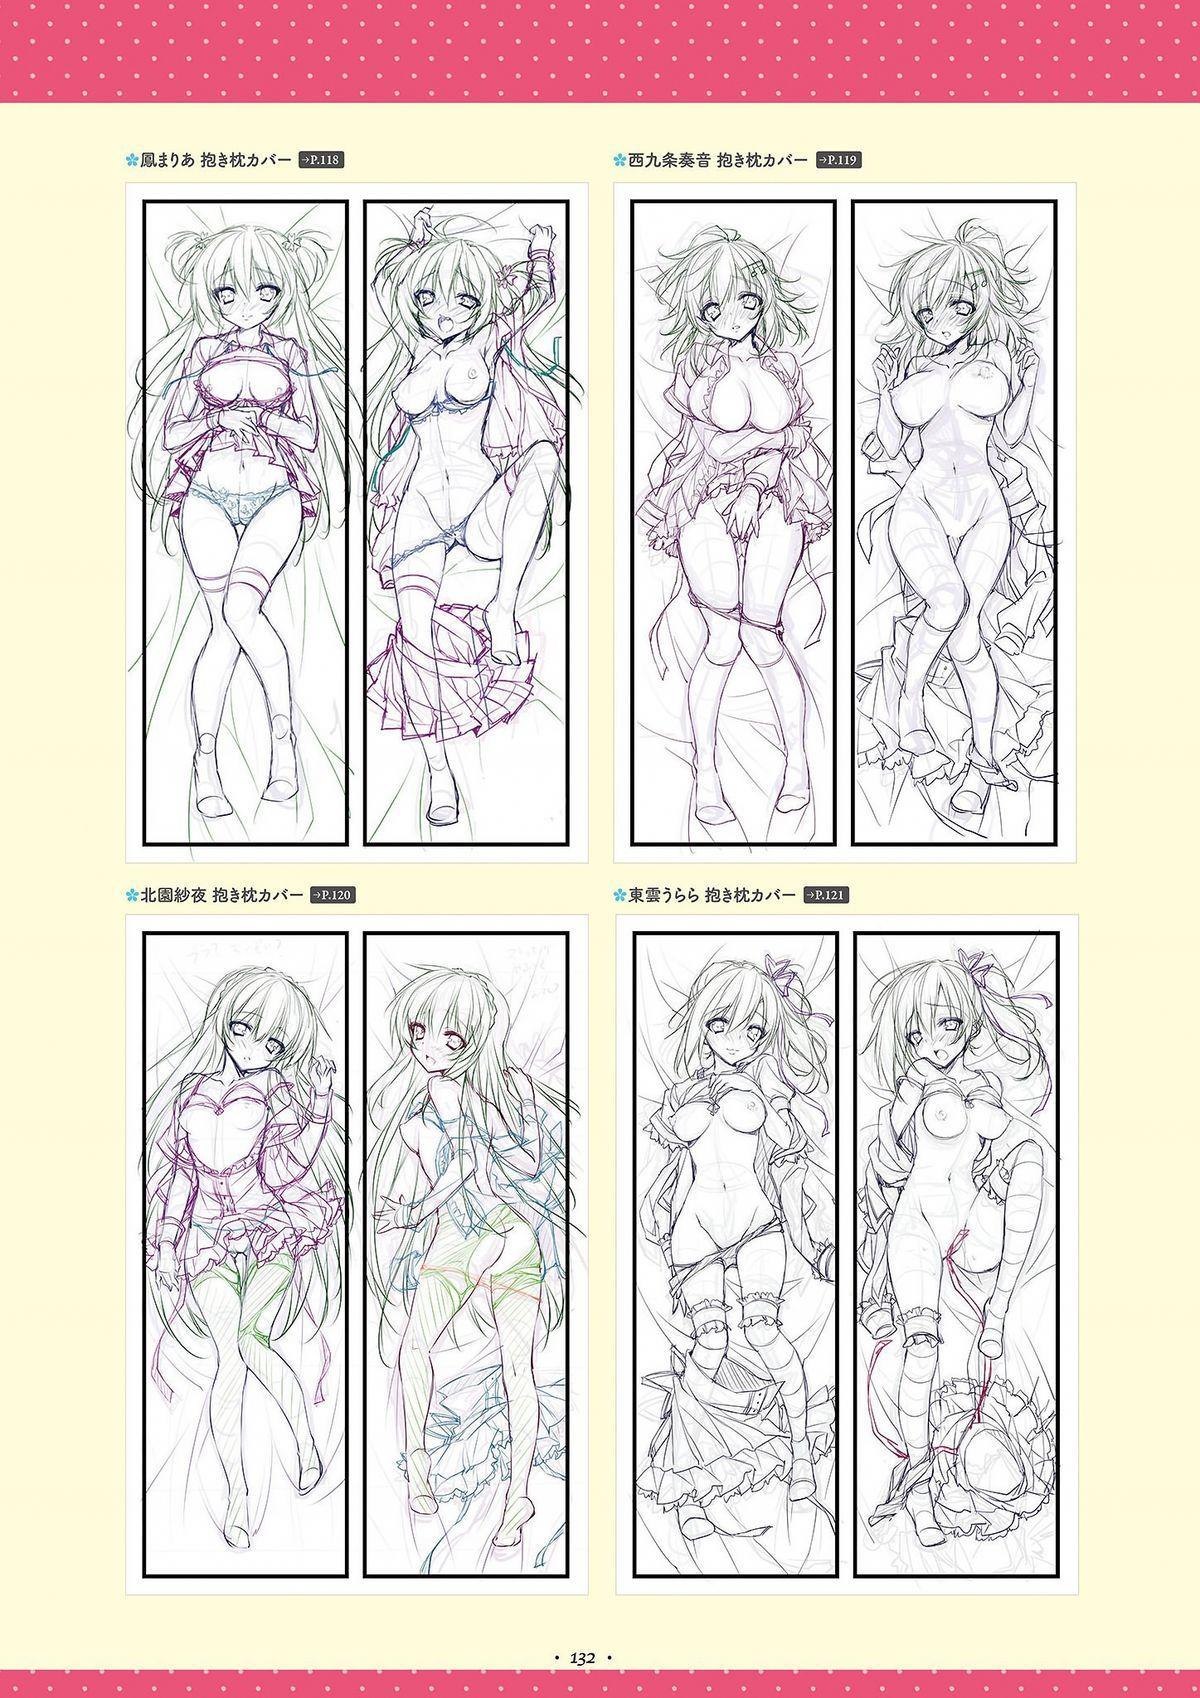 Shukufuku no Kane no Oto wa, Sakura-iro no Kaze to Tomo ni Visual Fanbook 129